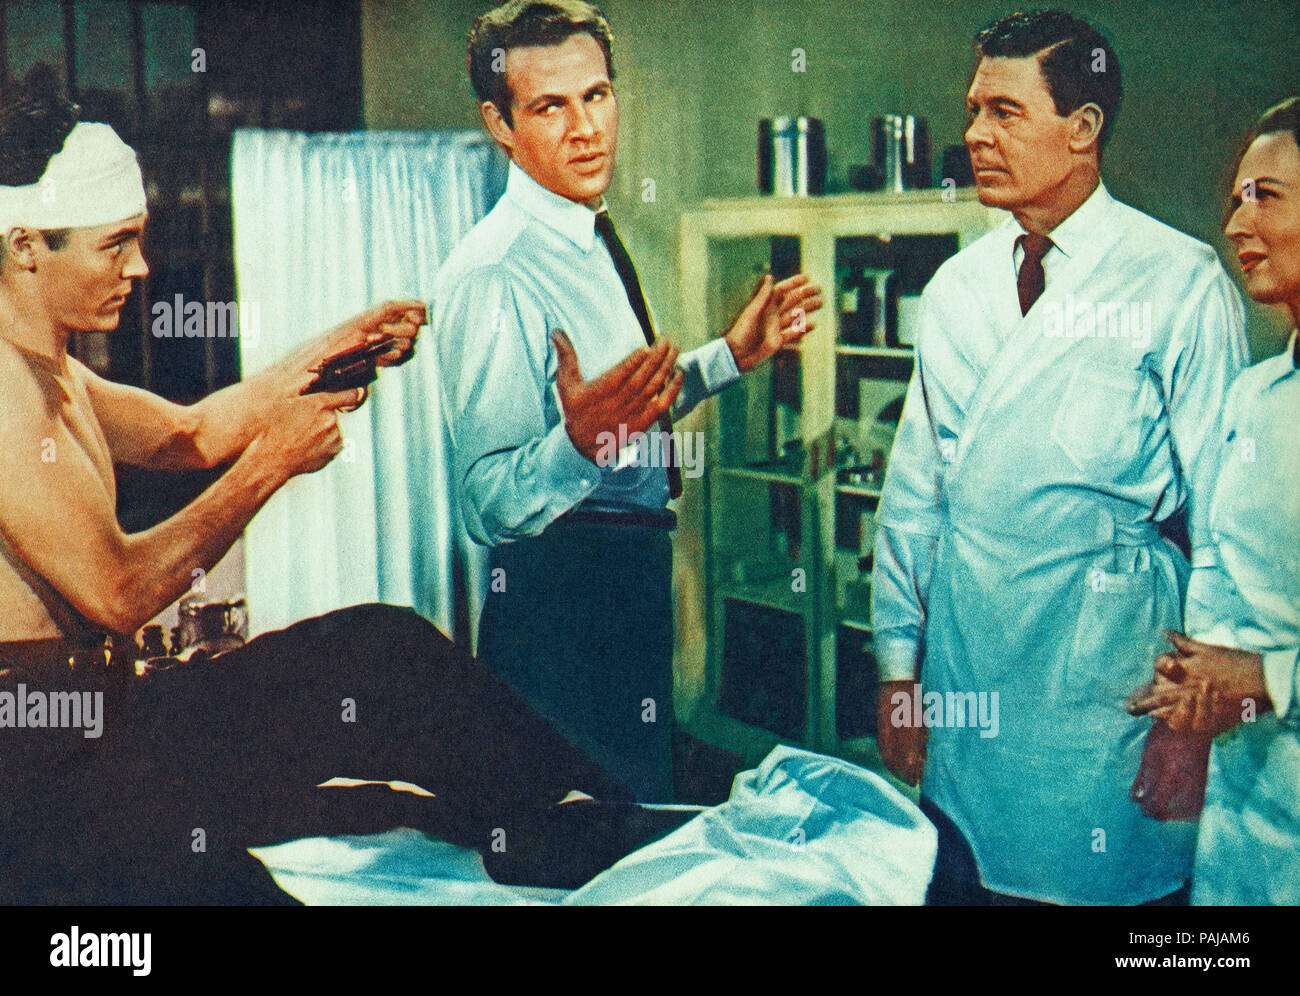 Emergency Hospital, USA 1956, Regie: Lee Sholem, Darsteller: Walter Reed, Margaret Lindsay, John Archer - Stock Image